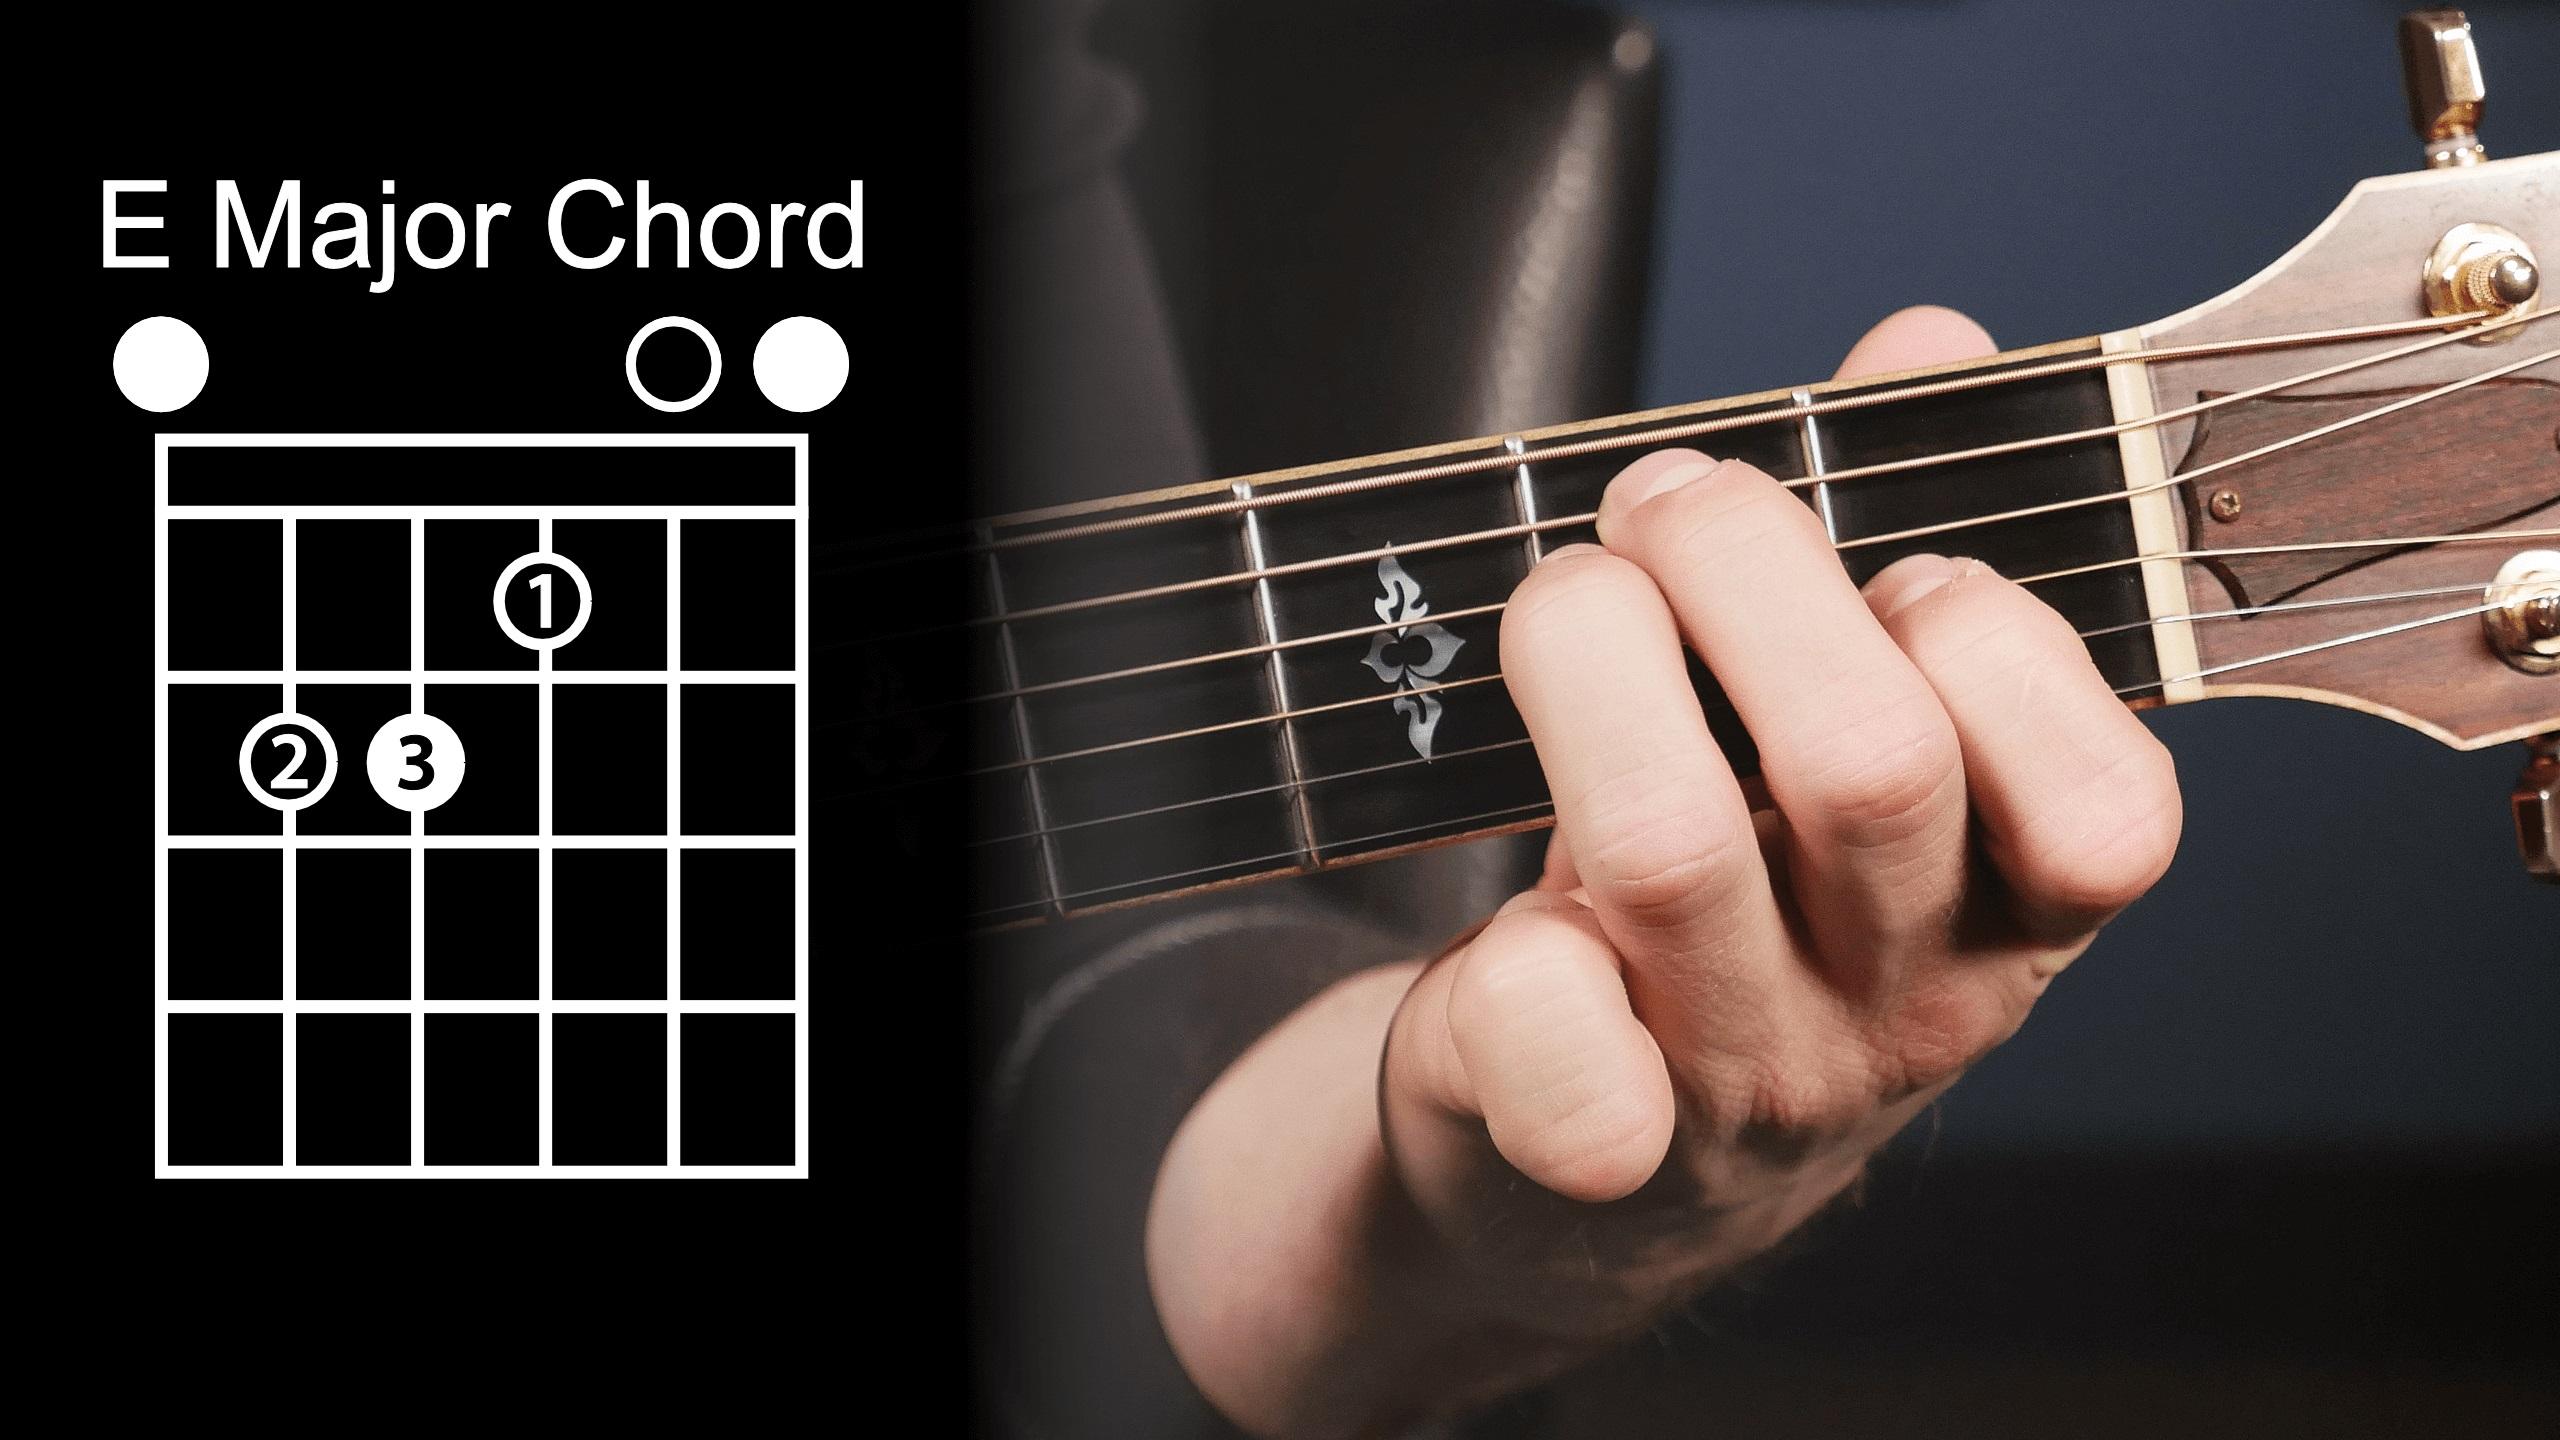 آموزش گیتار زدن - نحوه ی انگشت گذاری صحیح آکورد E